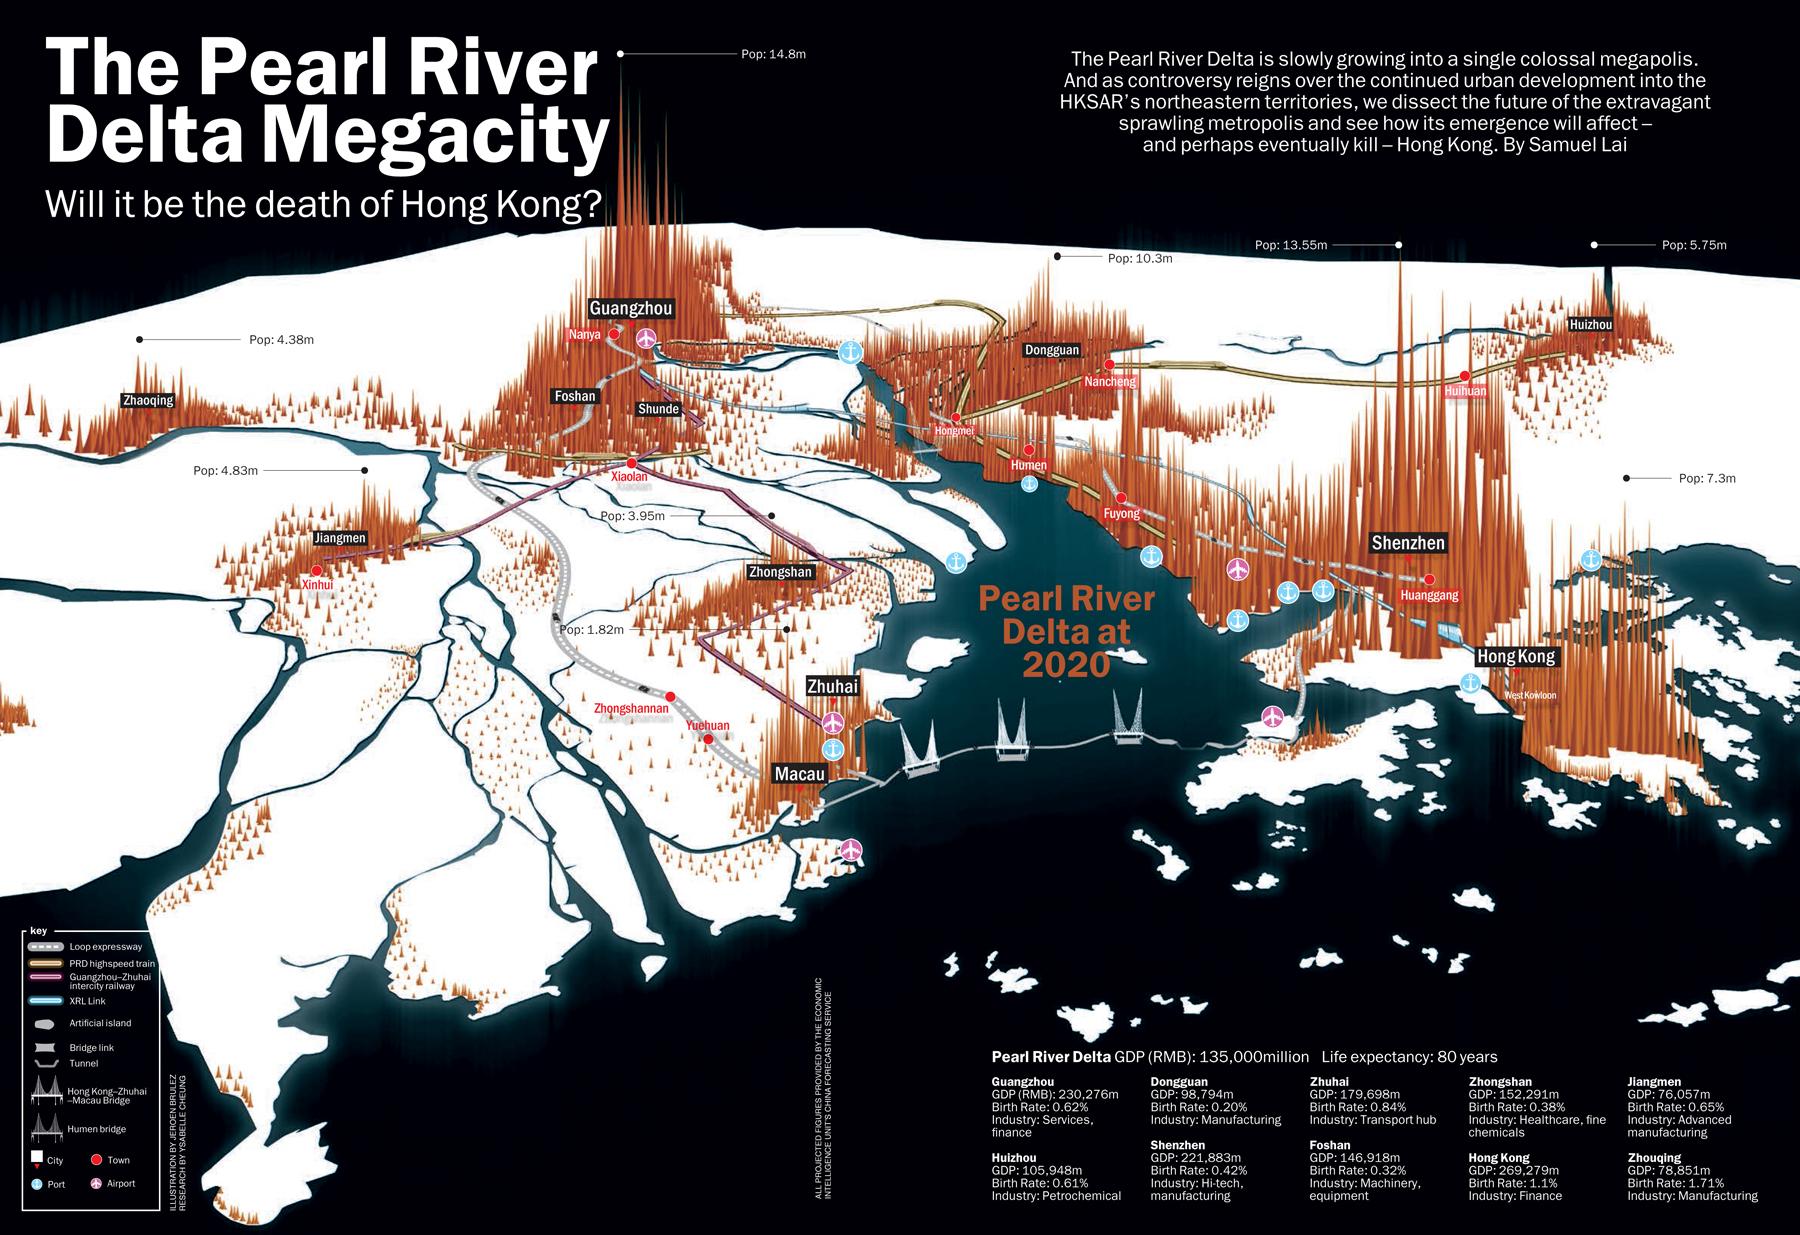 Pearl River Delta Megacity